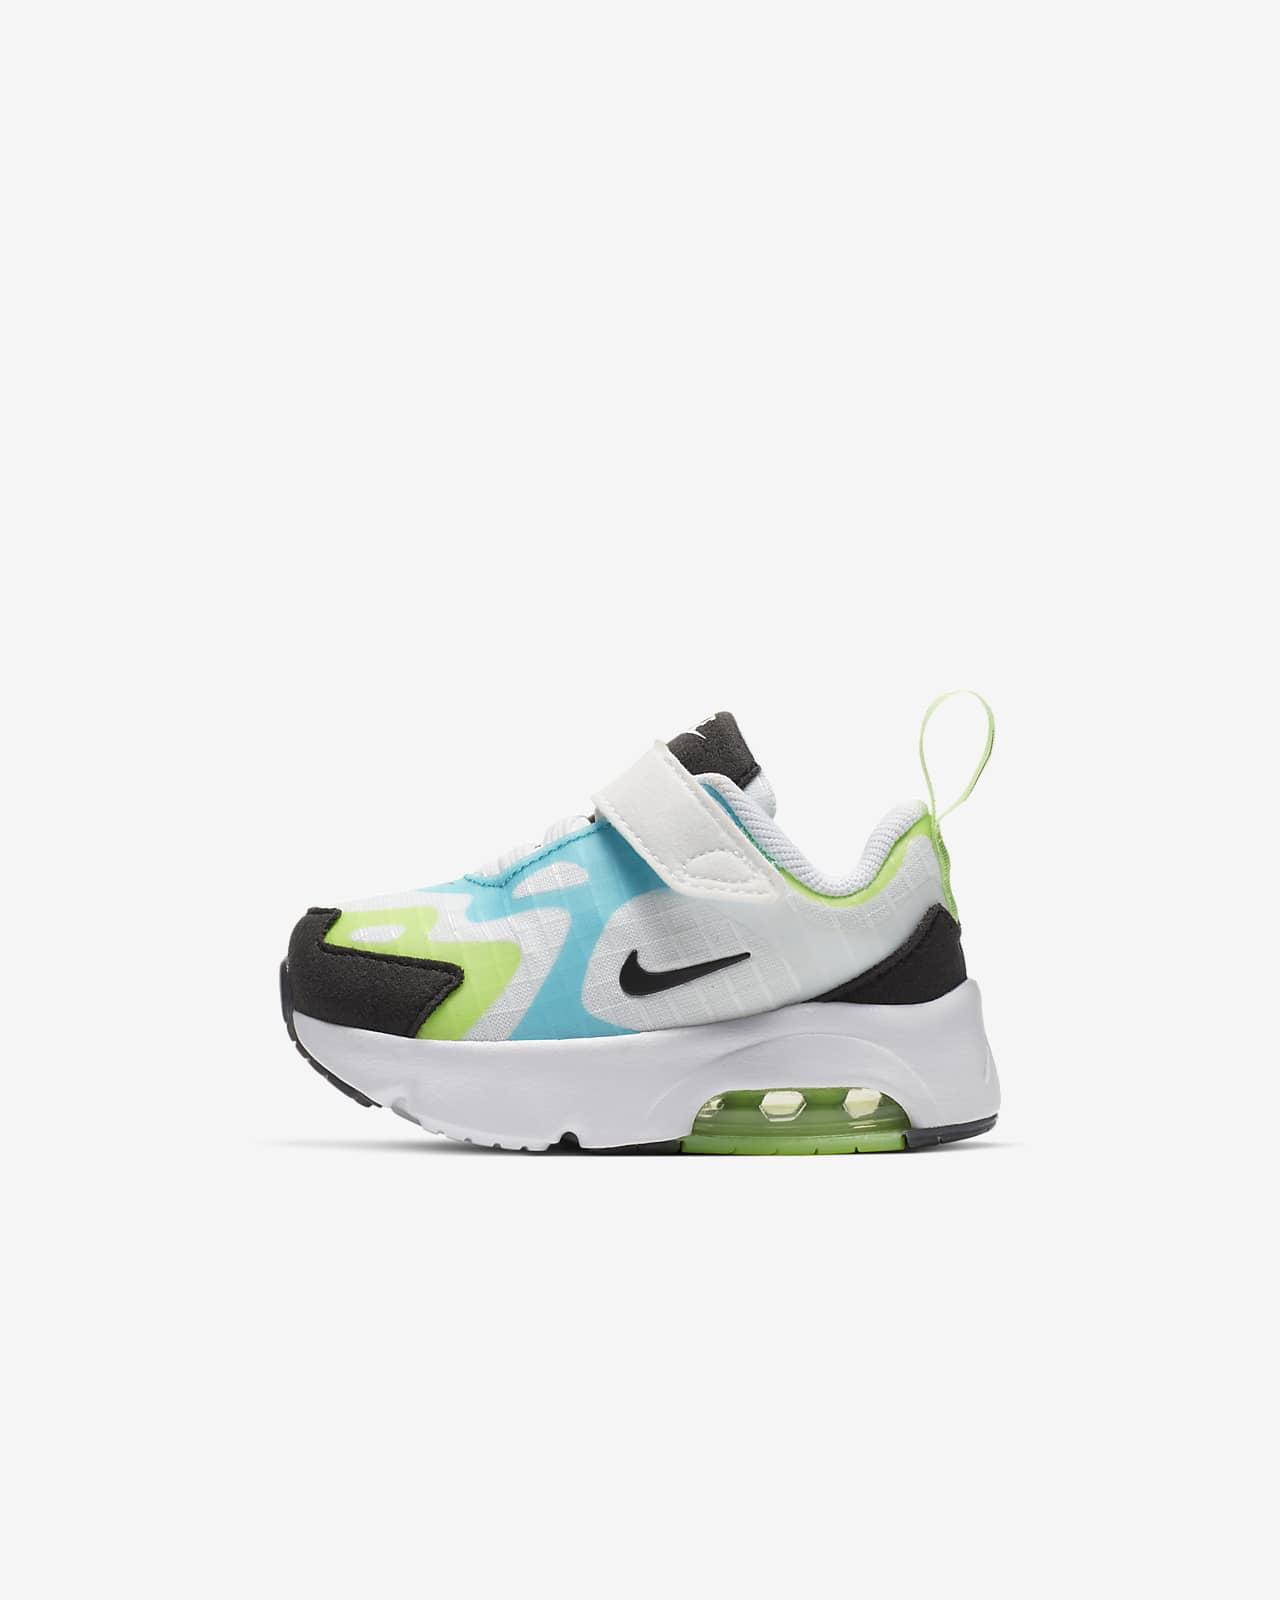 Nike Air Max 200 SE Baby/Toddler Shoe